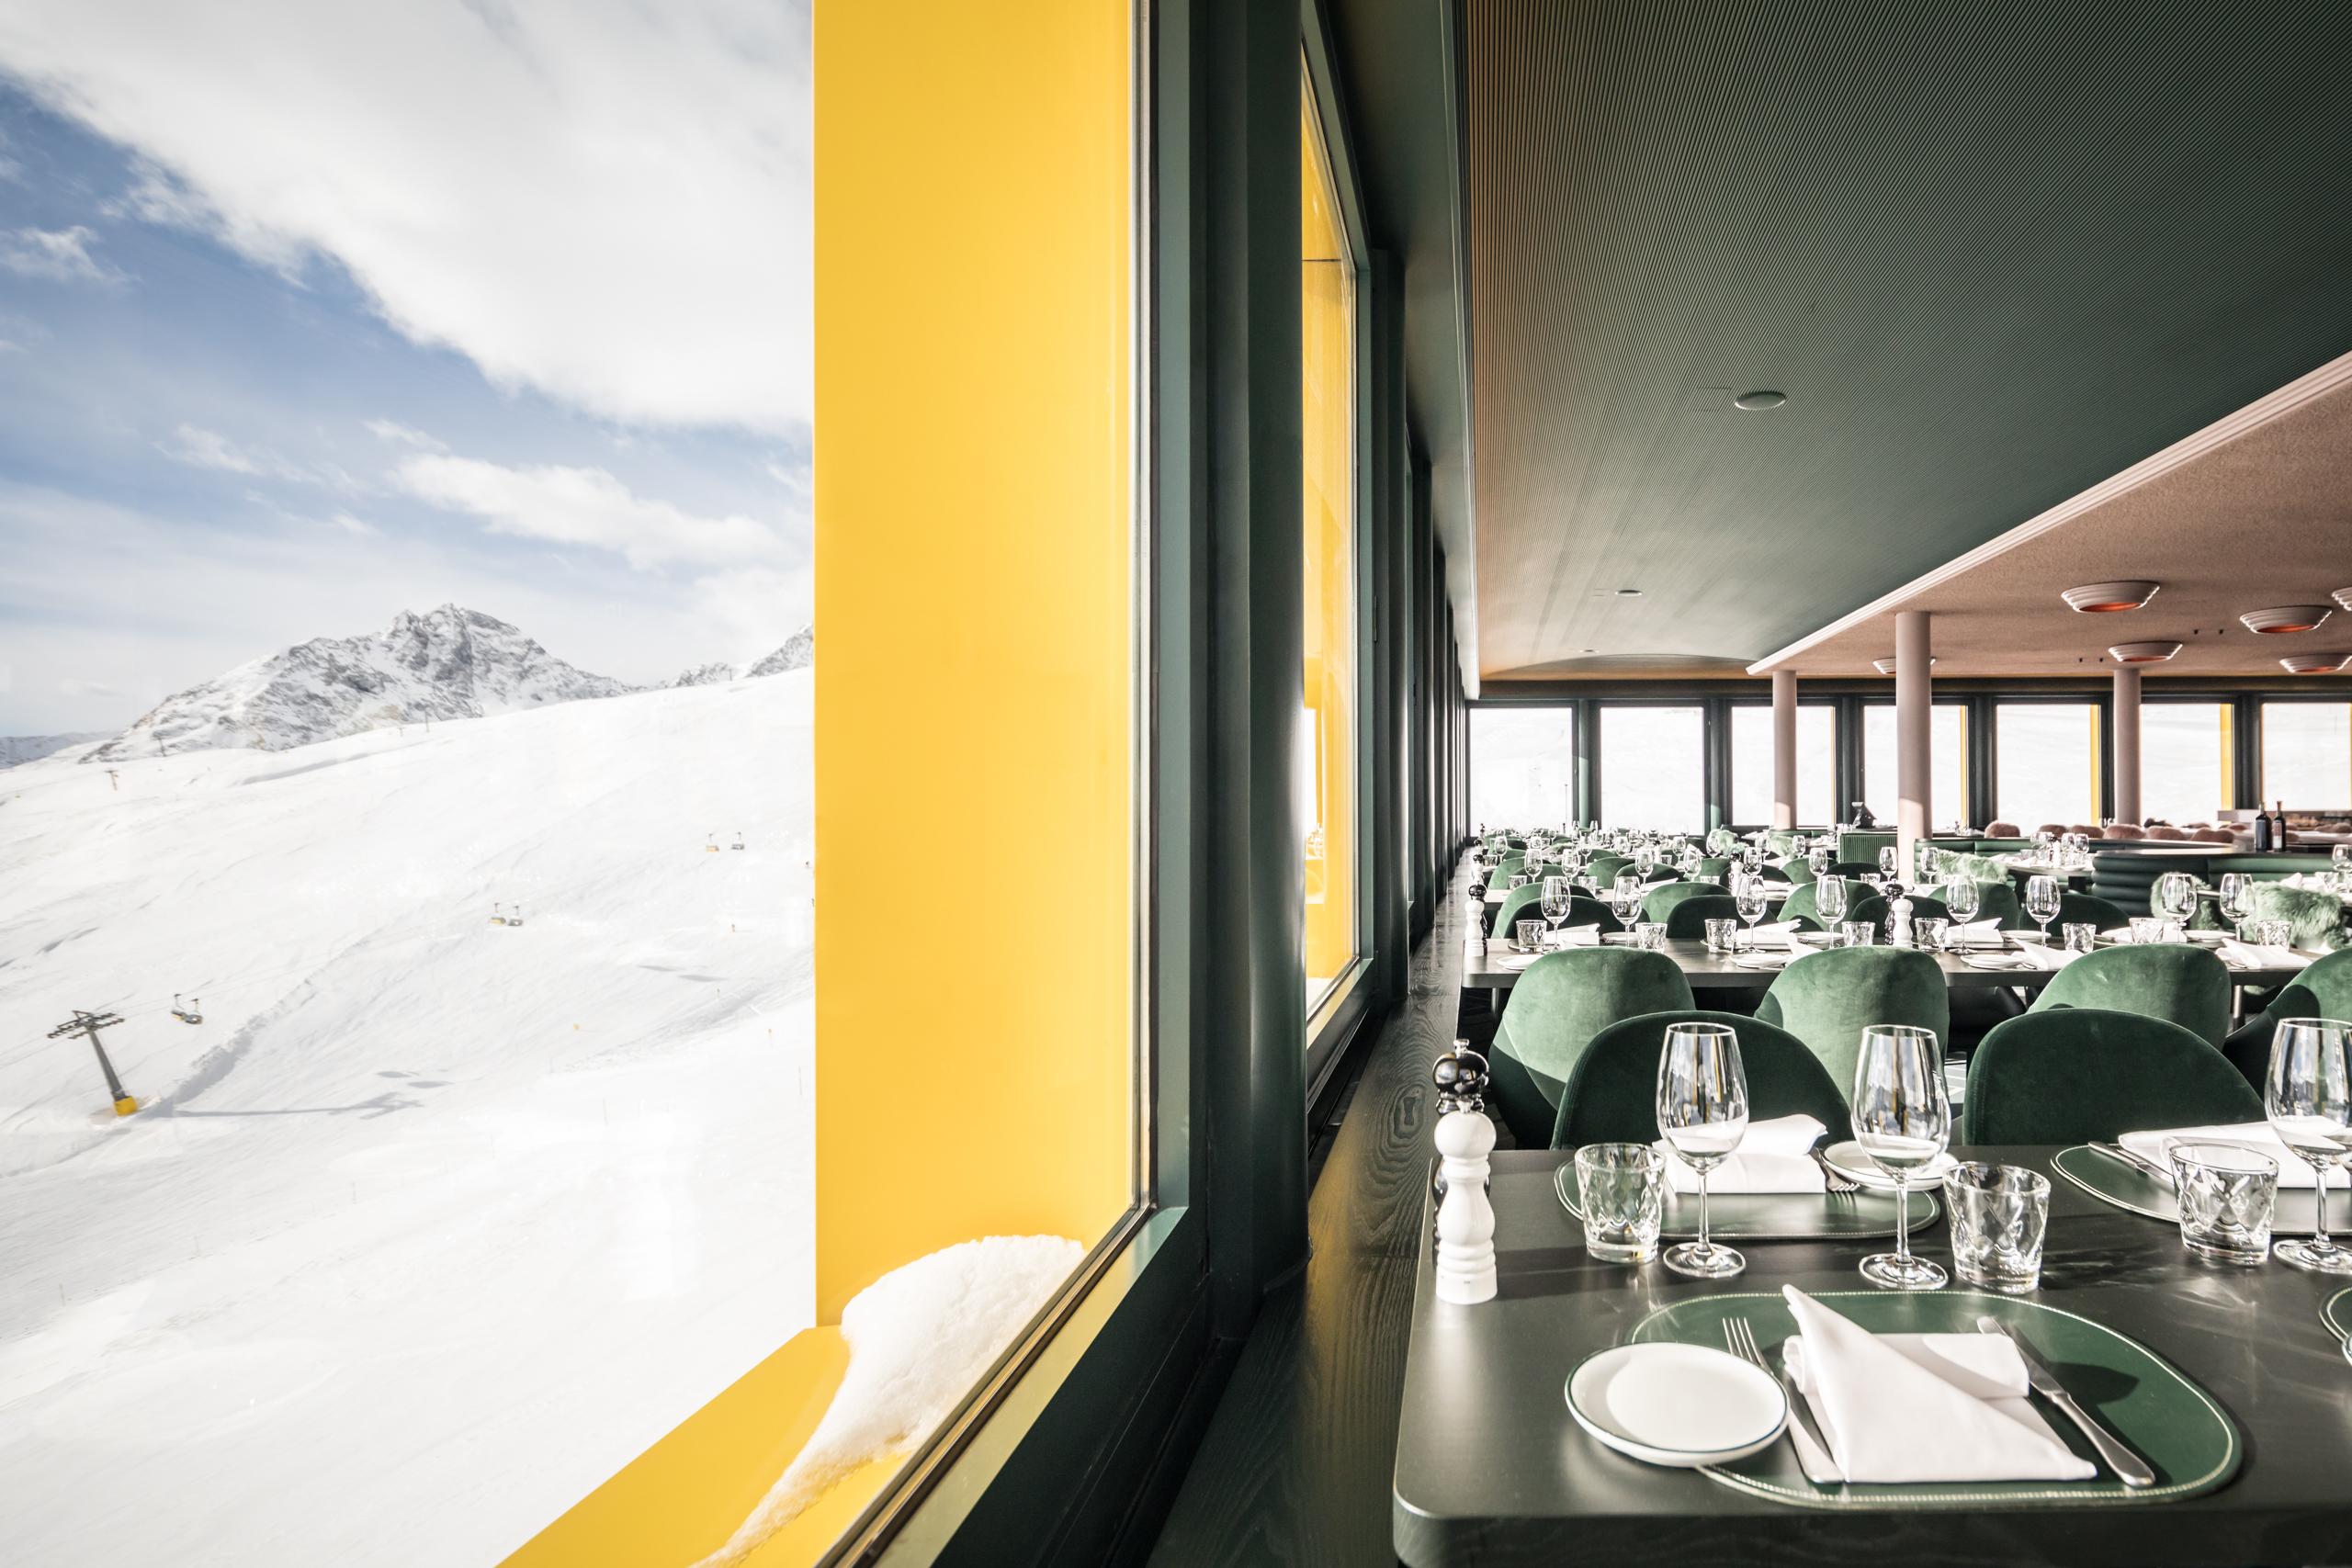 White Marmot Restaurant & Bar Slide 5